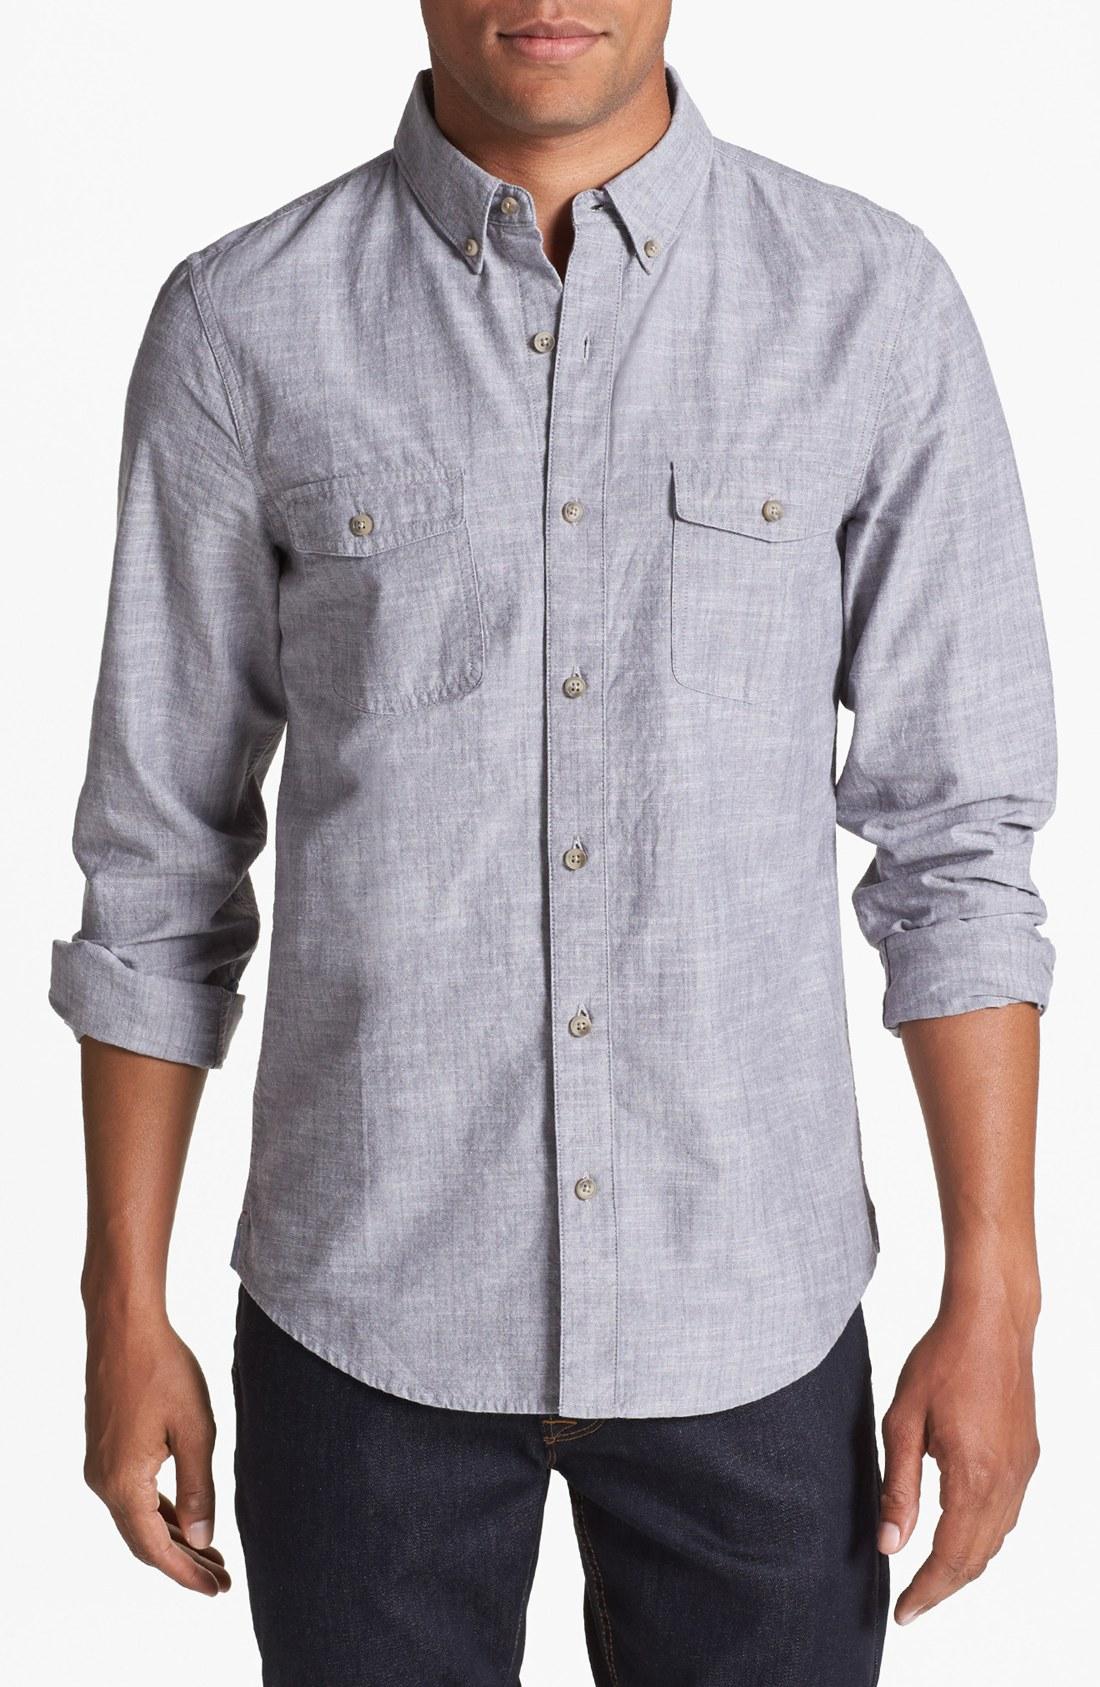 Uniqlo Chambray Shirt